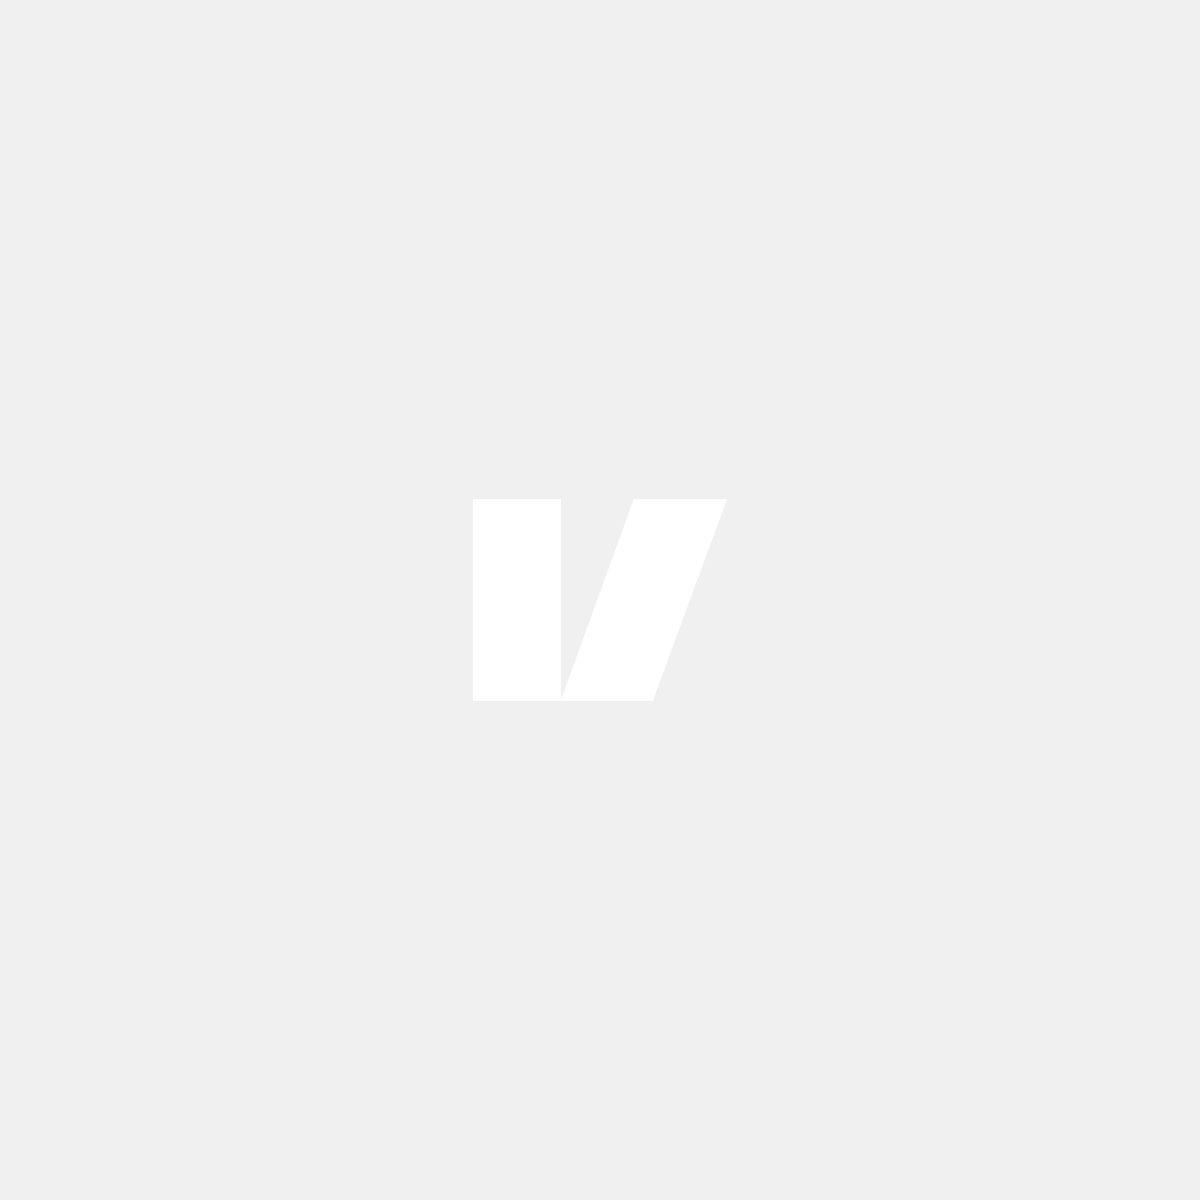 Mattkromat dimljusgaller till Volvo V70 08-13, förarsidan